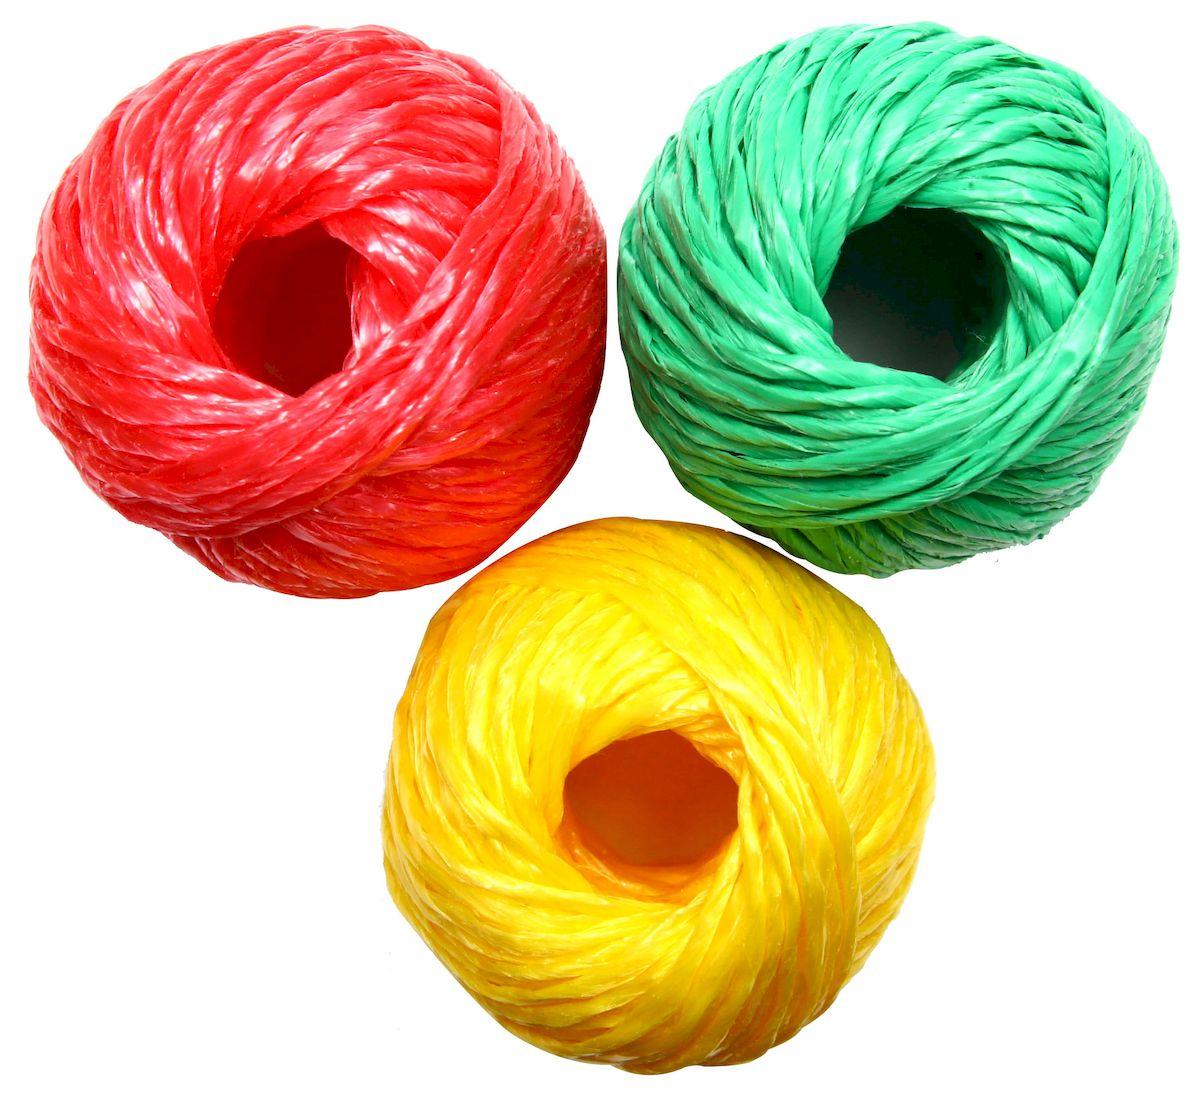 Шпагат Proffi Светофор, цвет: красный, зеленый, желтый, 1100 текс, 30 м, 3 штPH6552Шпагат Proffi Светофор незаменимый помощник в быту в качестве обвязочного материала и для подвязывания различных сельскохозяйственных культур. Шпагат полипропиленовыйобладает большой стойкостью к многоразовым изгибам, устойчивостью к истиранию, на него не влияют органические растворители, он невосприимчив к воздействию горячей воды и щелочей, отличный диэлектрик, обладает хорошими теплоизоляционными свойствами. Шпагат полипропиленовый устойчив к воздействию перепадов температур, не подвержен гниению. Шпагат из полипропилена является экологически чистым видом упаковки.